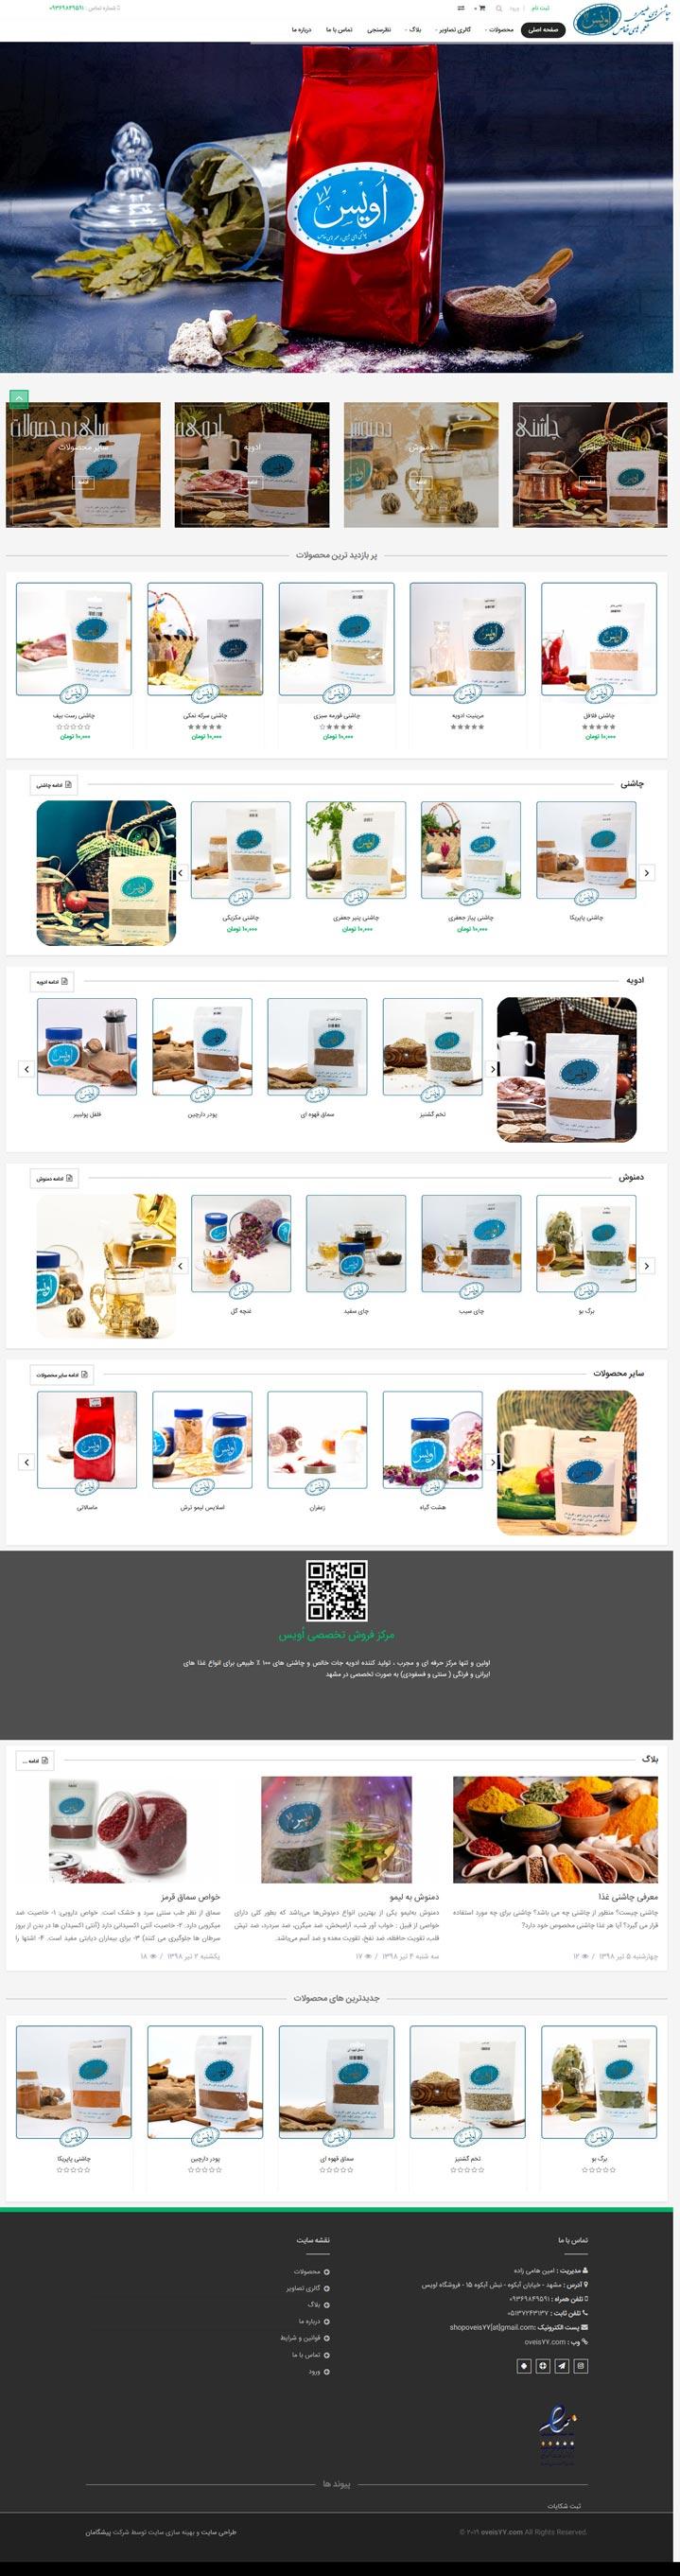 طراحی فروشگاه اینترنتی اویس